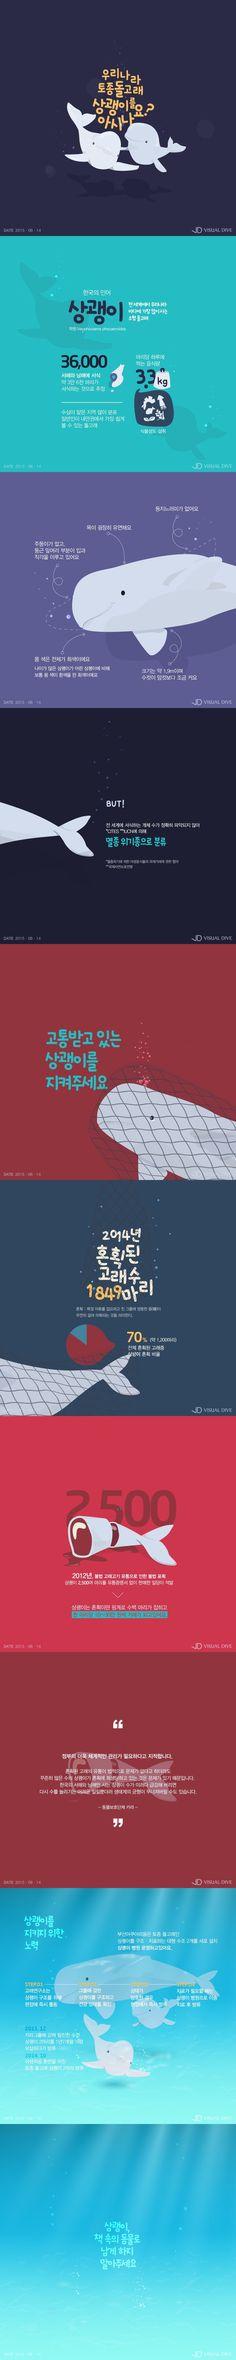 '한국의 인어' 상괭이를 지켜주세요 [인포그래픽] #Dolphin / #Infographic ⓒ 비주얼다이브 무단 복사·전재·재배포 금지